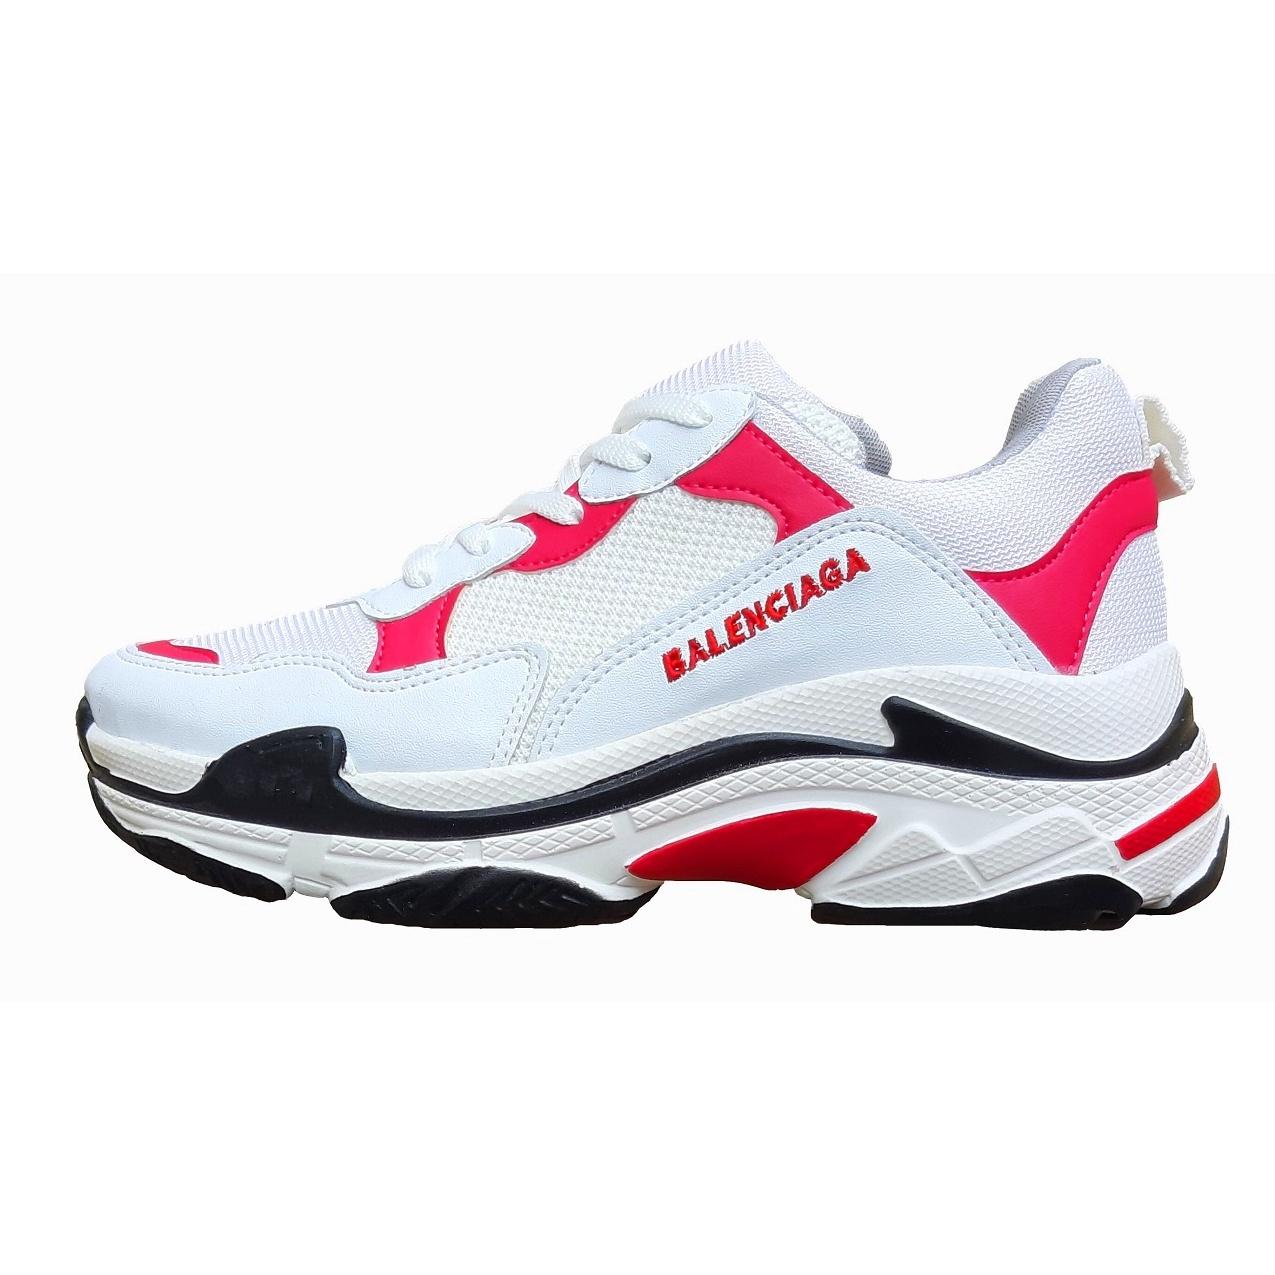 کفش مخصوص پیاده روی زنانه کد 232003رنگ سفید و صورتی